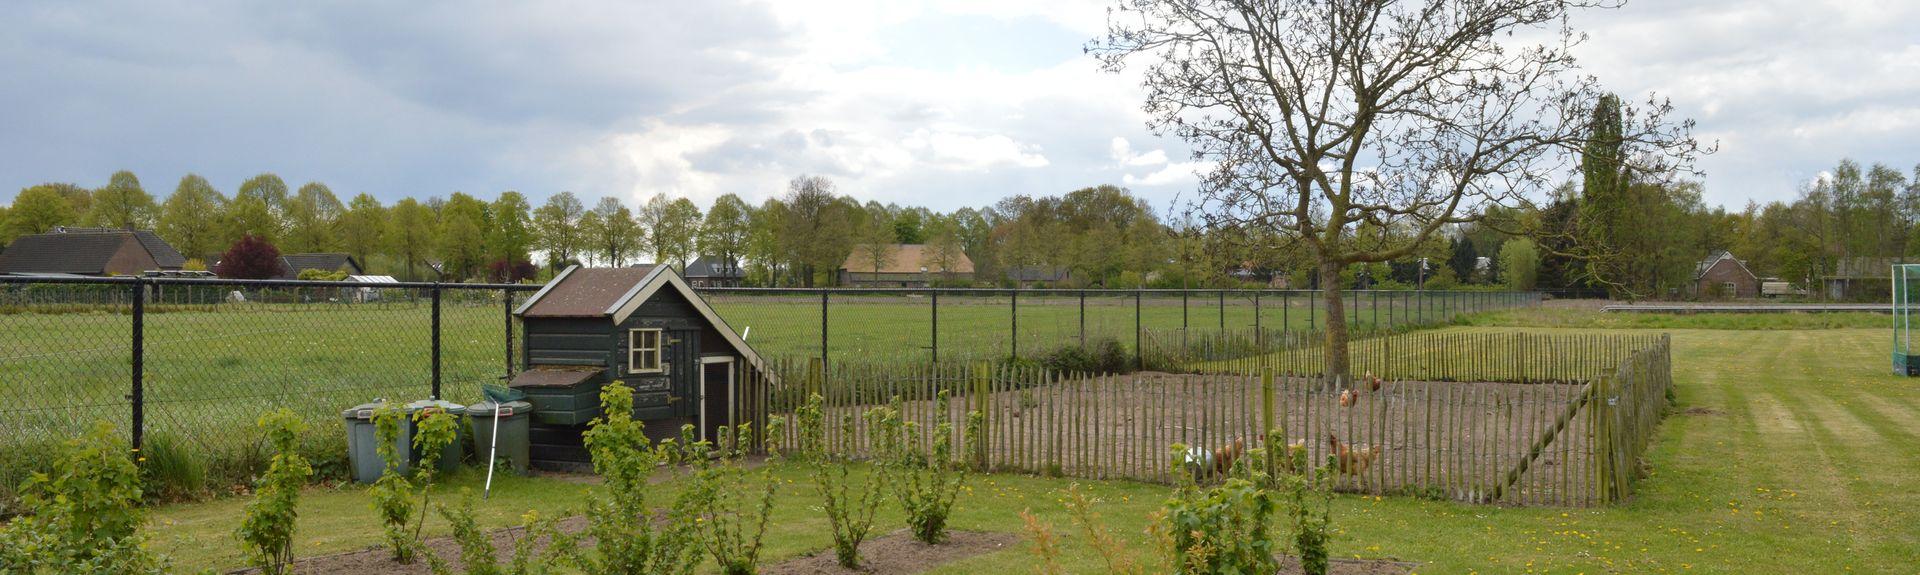 Schijndel, Meierijstad kommune, Nord-Brabant, Nederland